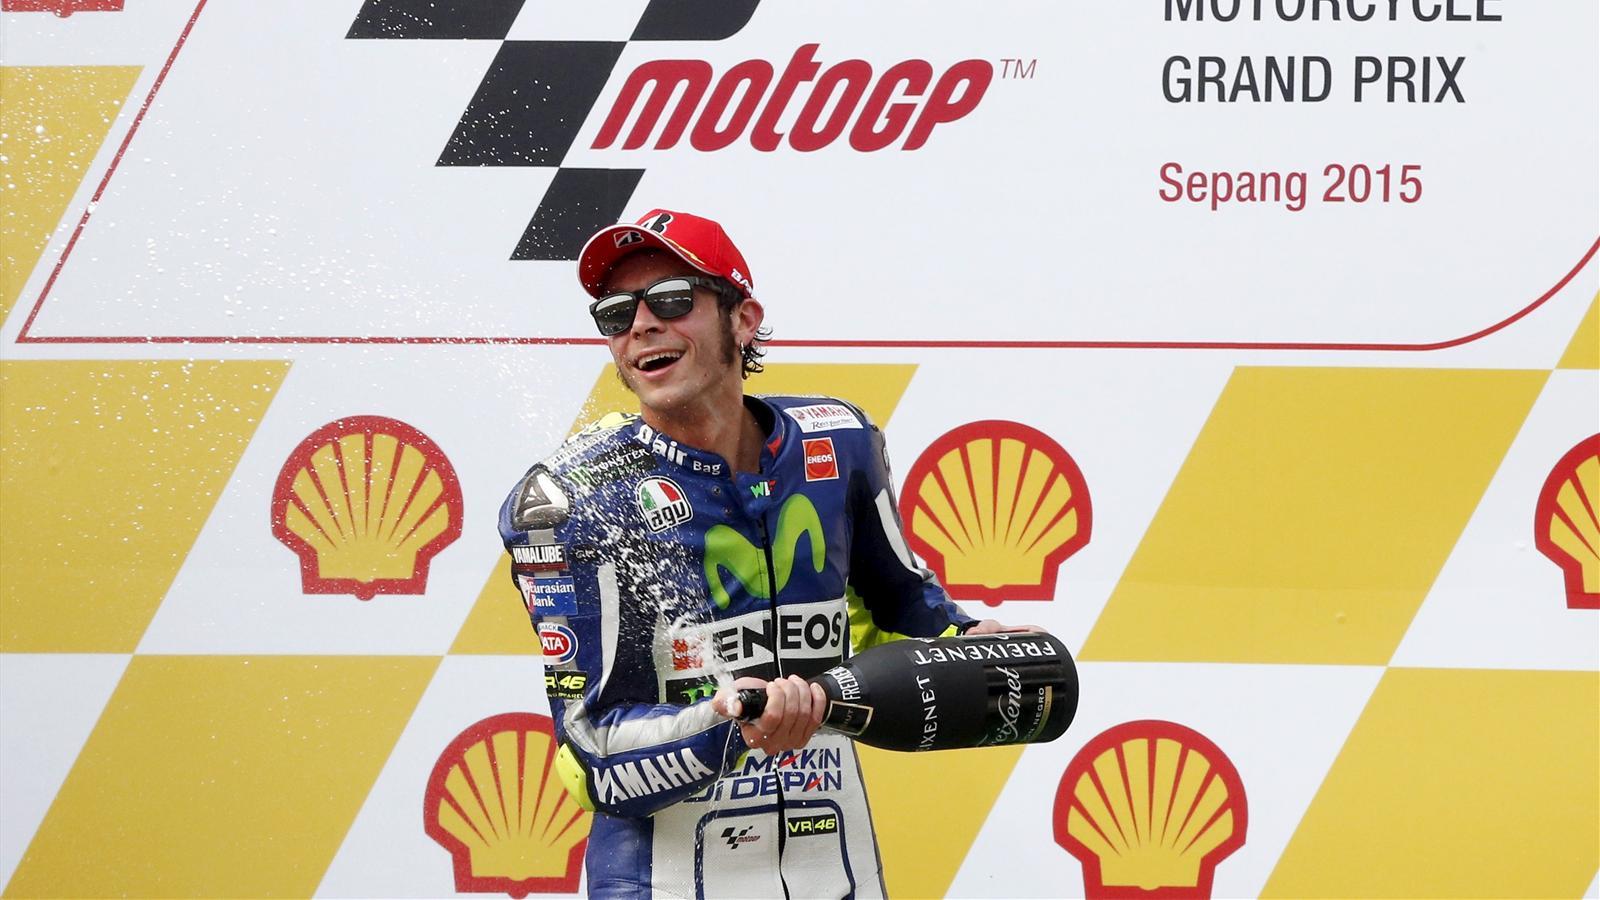 Valentino Rossi on the podium in Malaysia